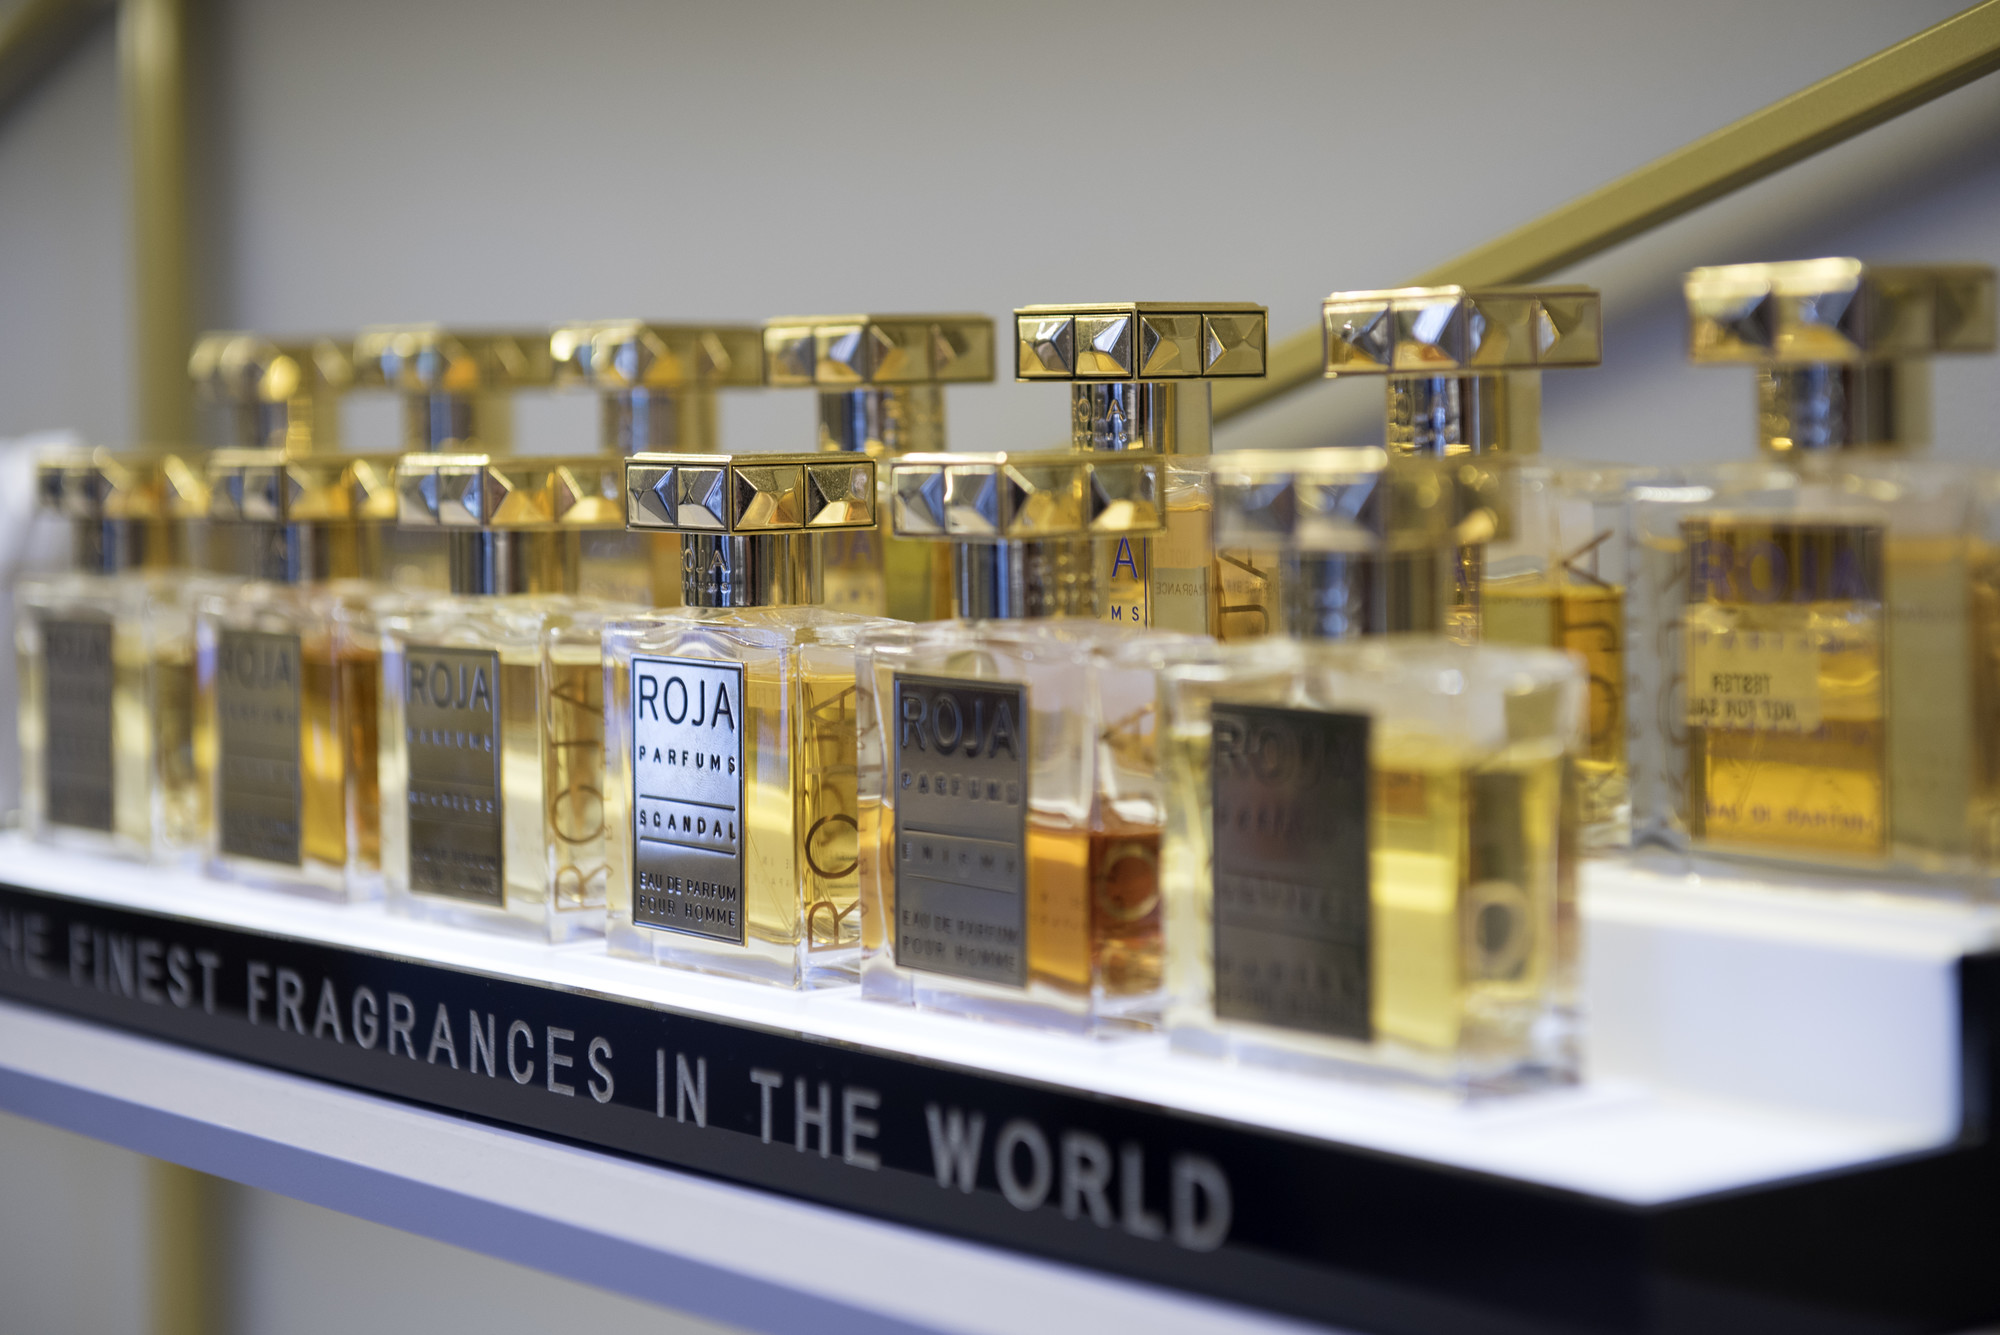 Niche parfémy. Zdroj fotky: Inyourpocket.com